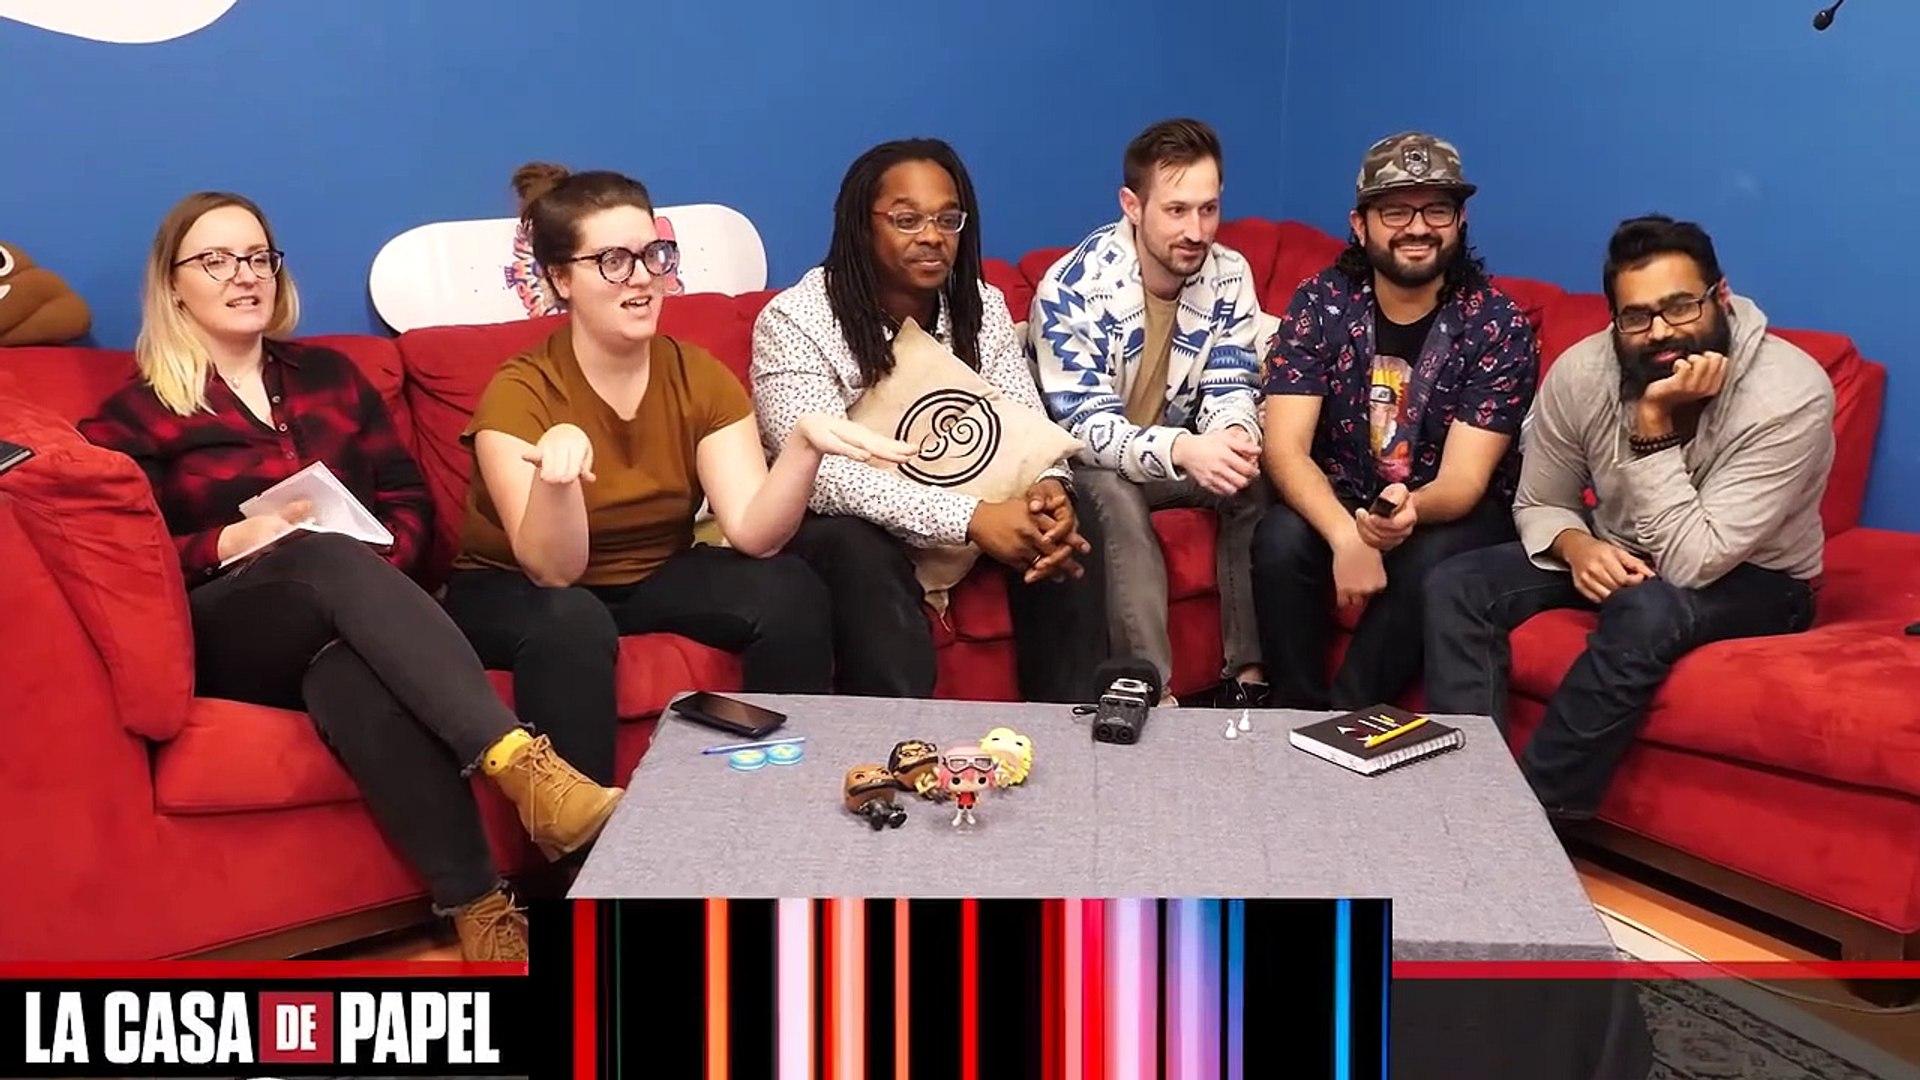 La Casa De Papel (Money Heist) - 1x1 Episode 1 - Group Reaction